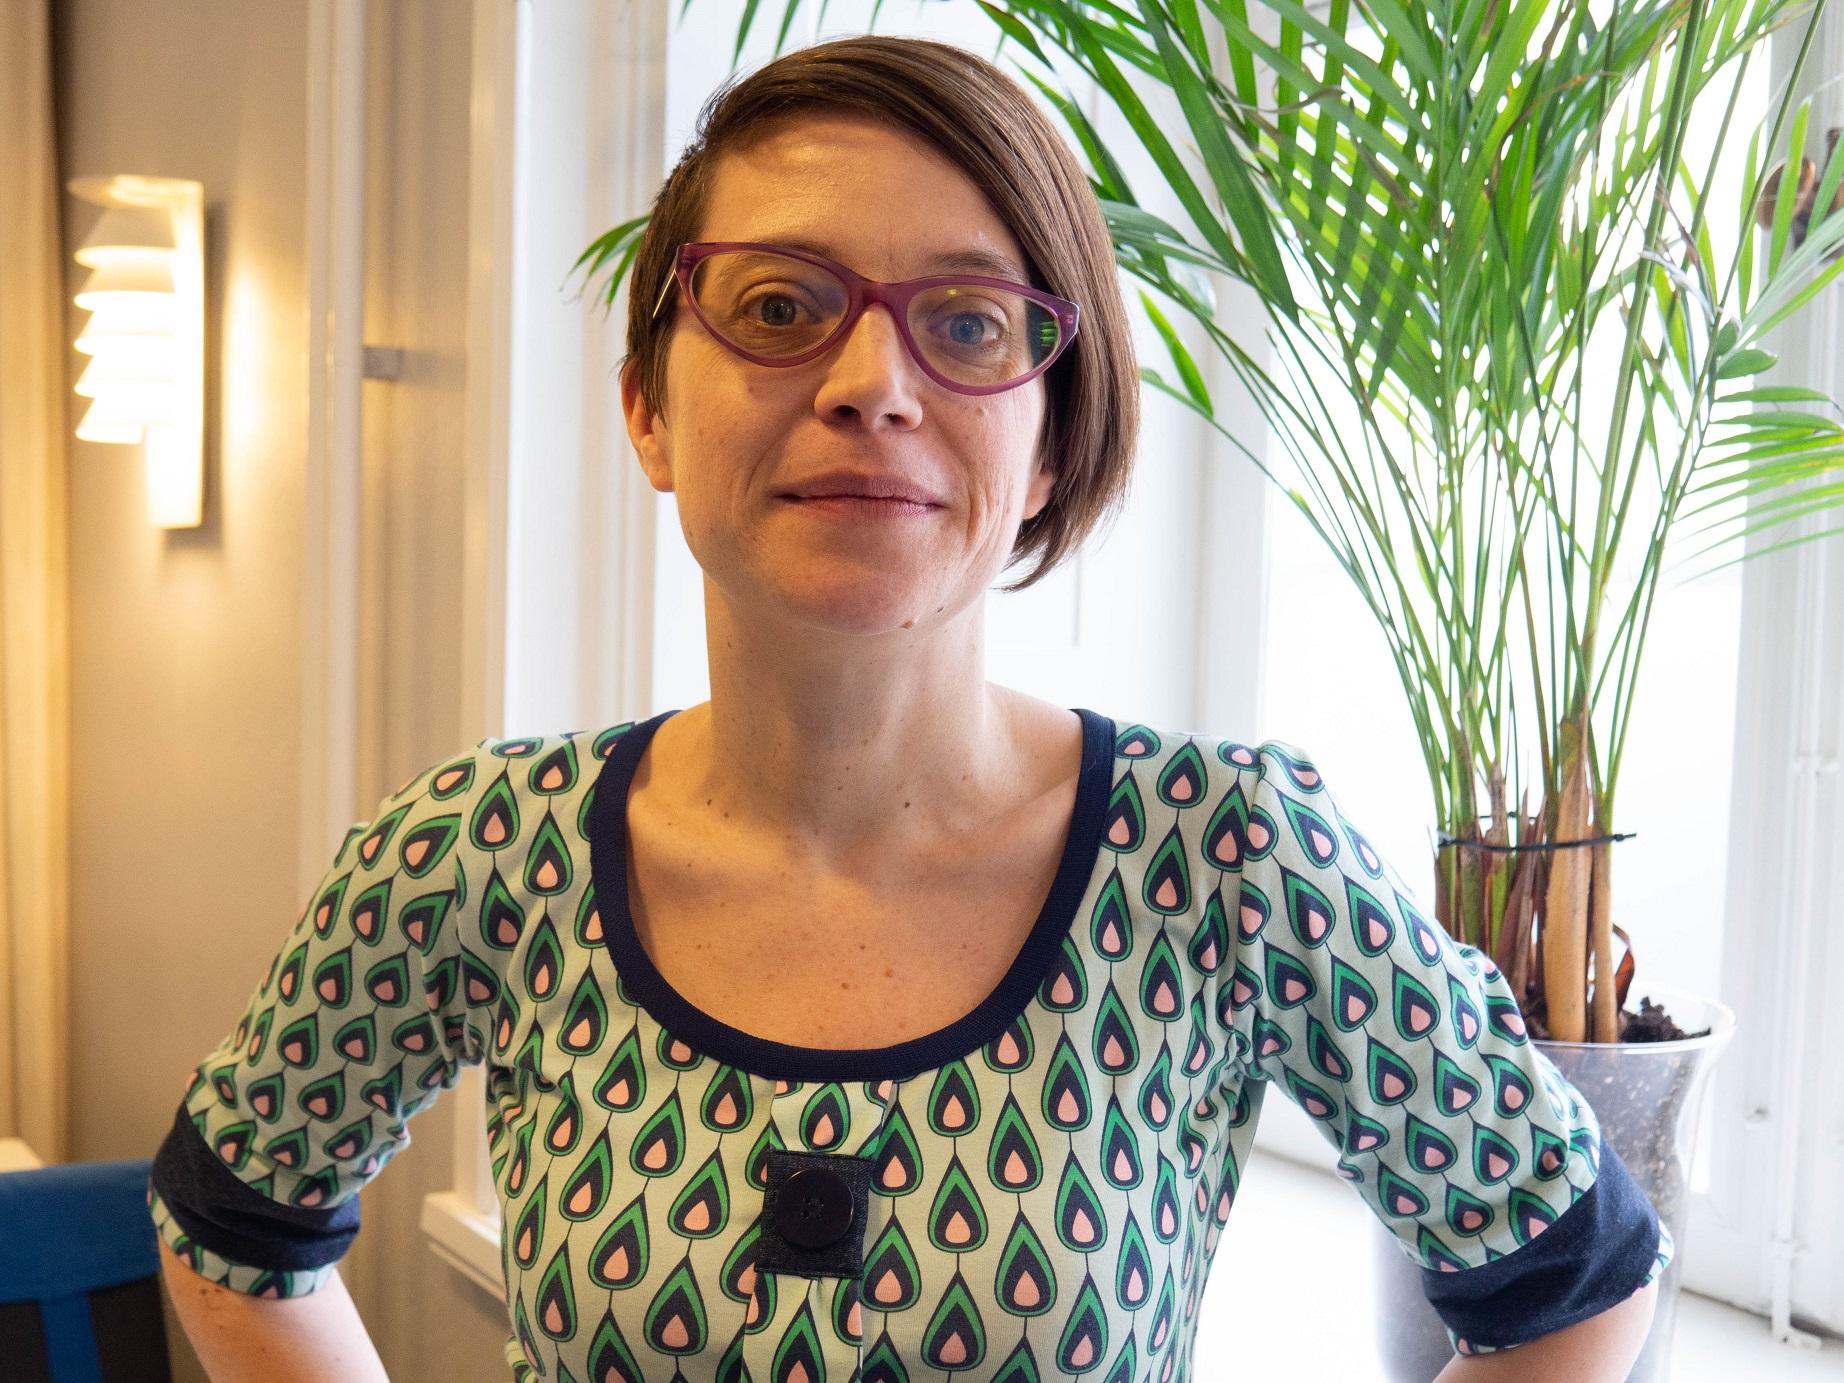 Tove ser bestämd ut och har händerna i midjan. Kort brunt hår, stora glasögomn och en klänning med grafiskt formade dropper i grönt, rosa svart mot en ljusgrön botten.